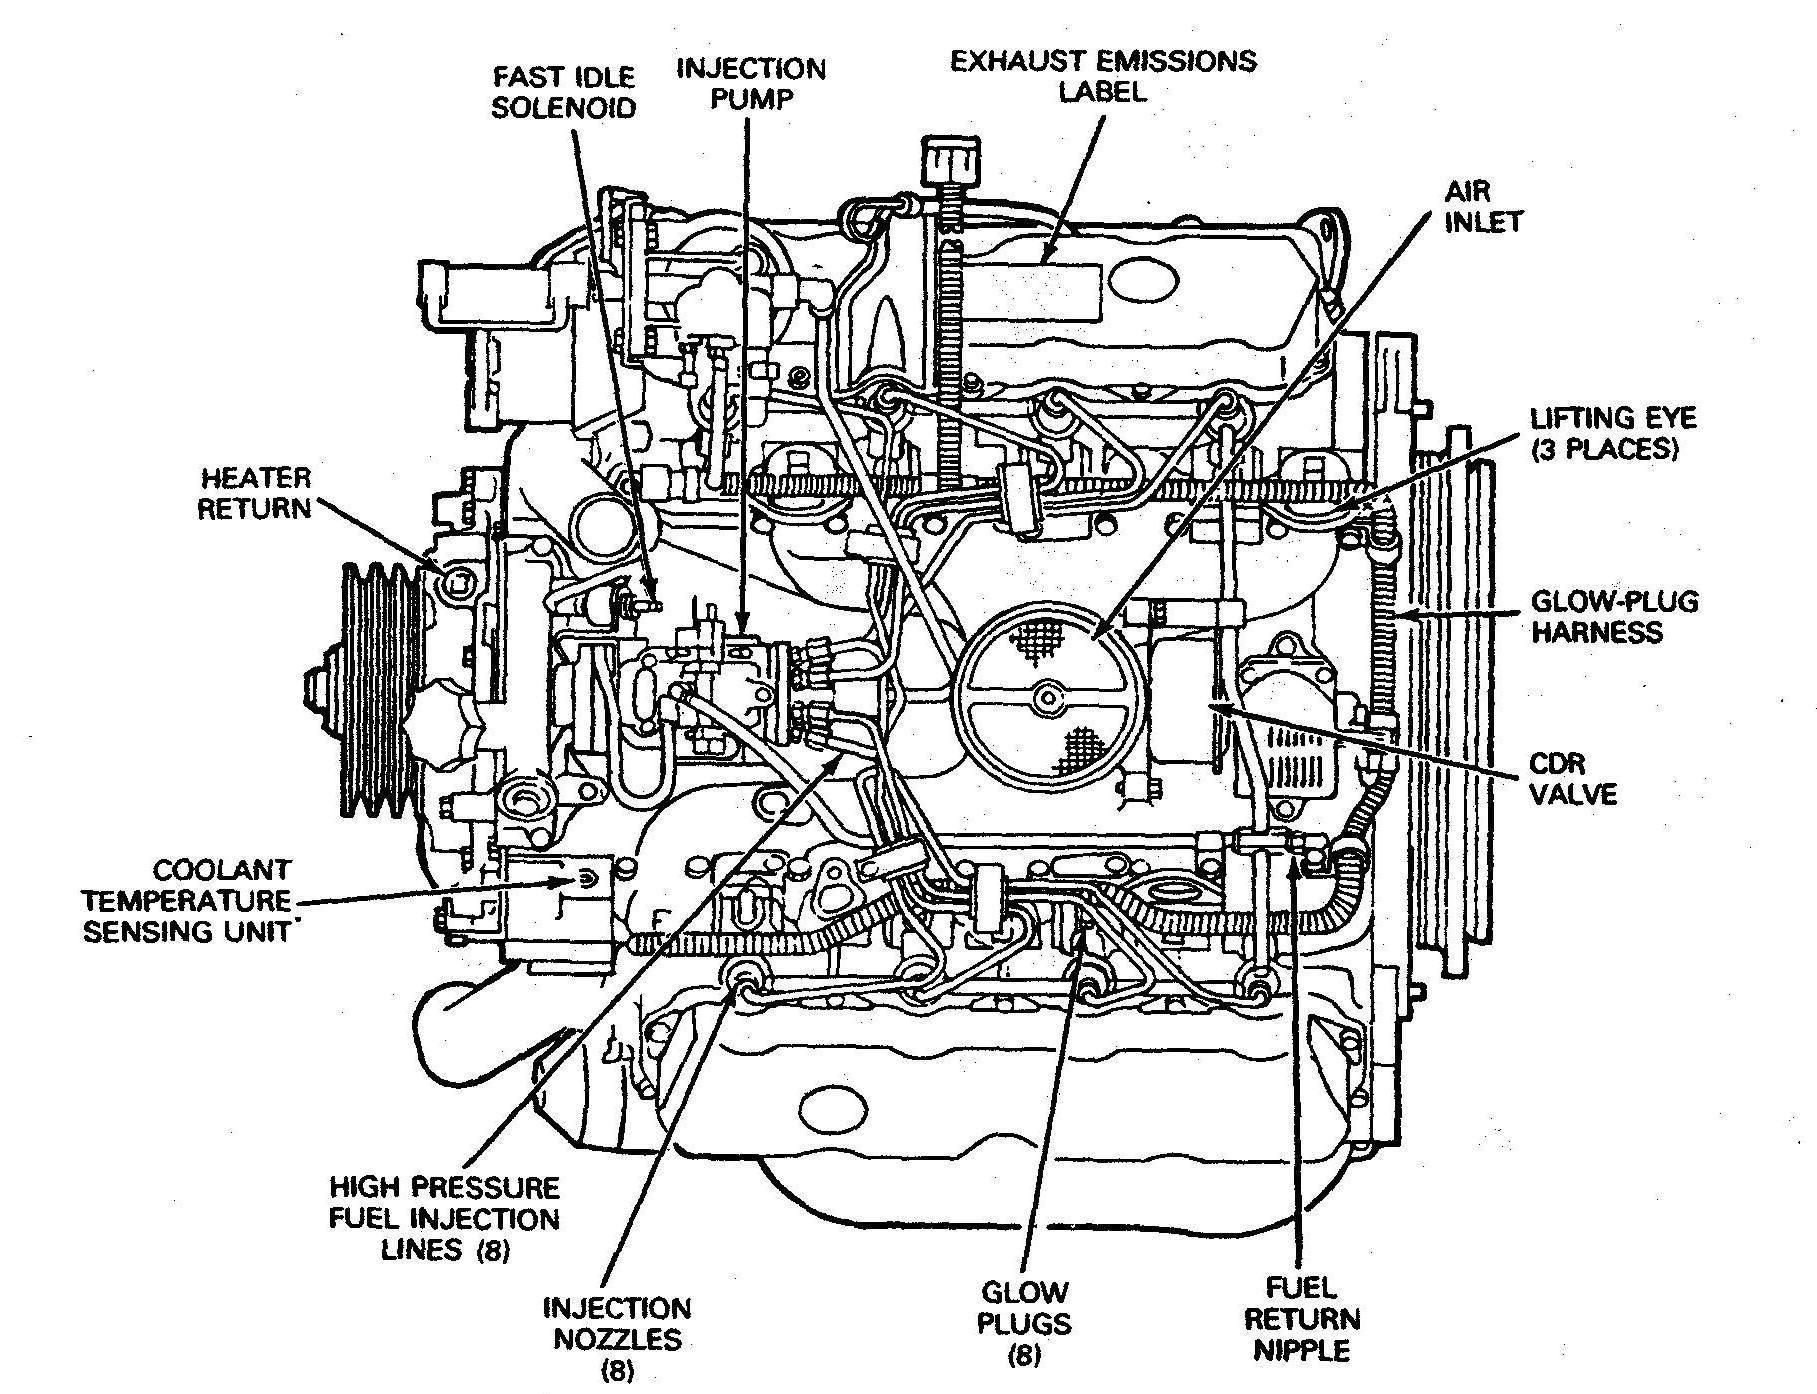 Engine Parts Diagram Names Automotive Engine Diagram Wiring Diagrams Of Engine Parts Diagram Names